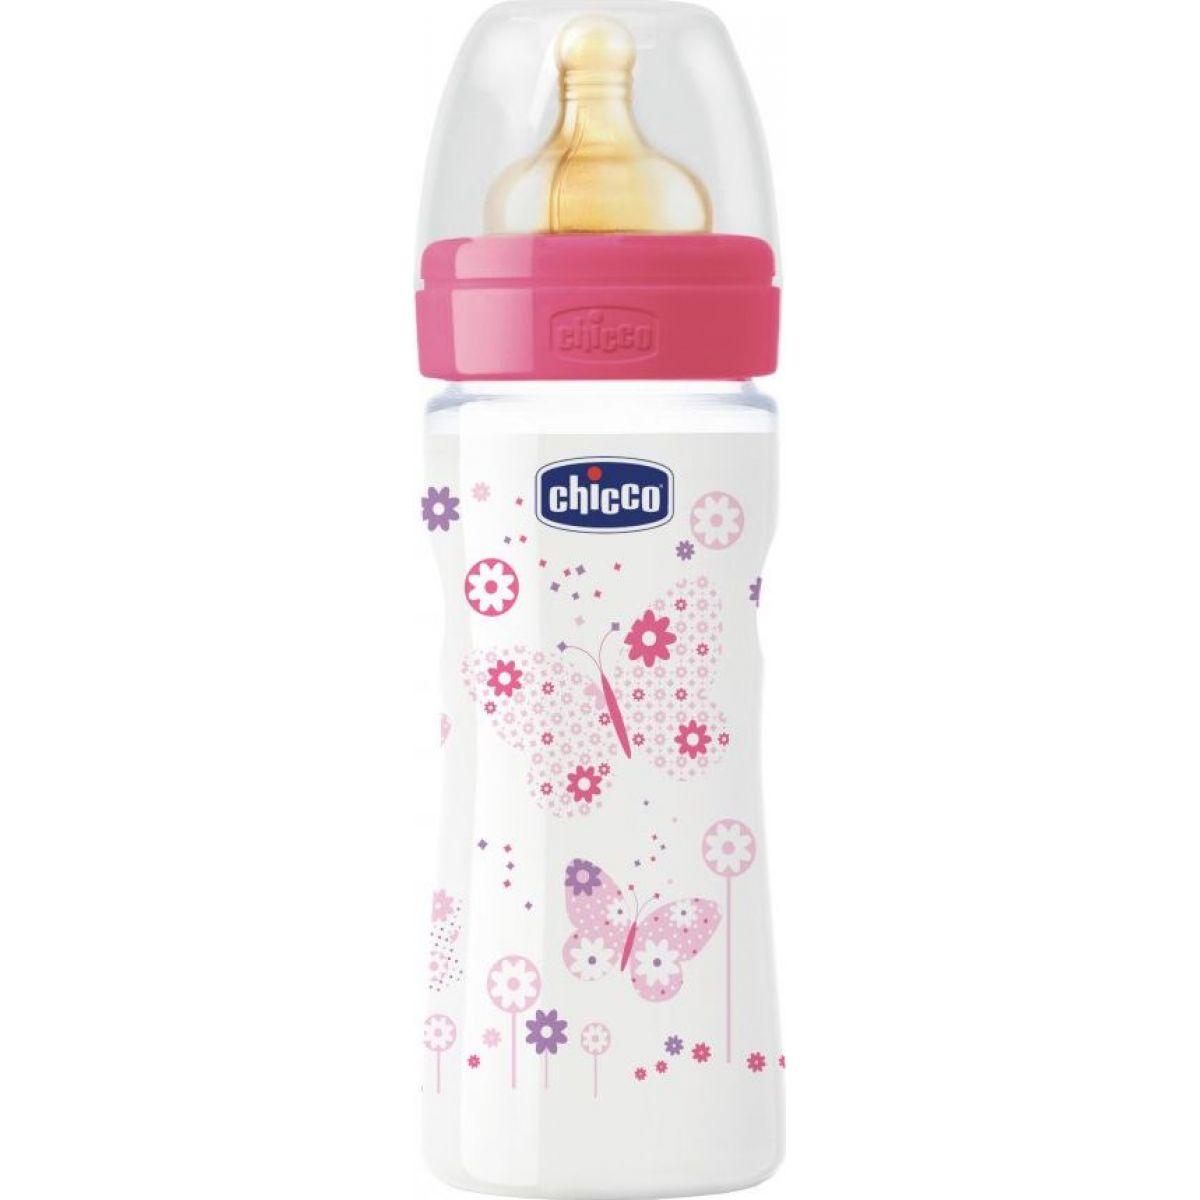 Chicco Láhev bez BPA Well-Being kaučukový dudlík střední 250 ml růžová